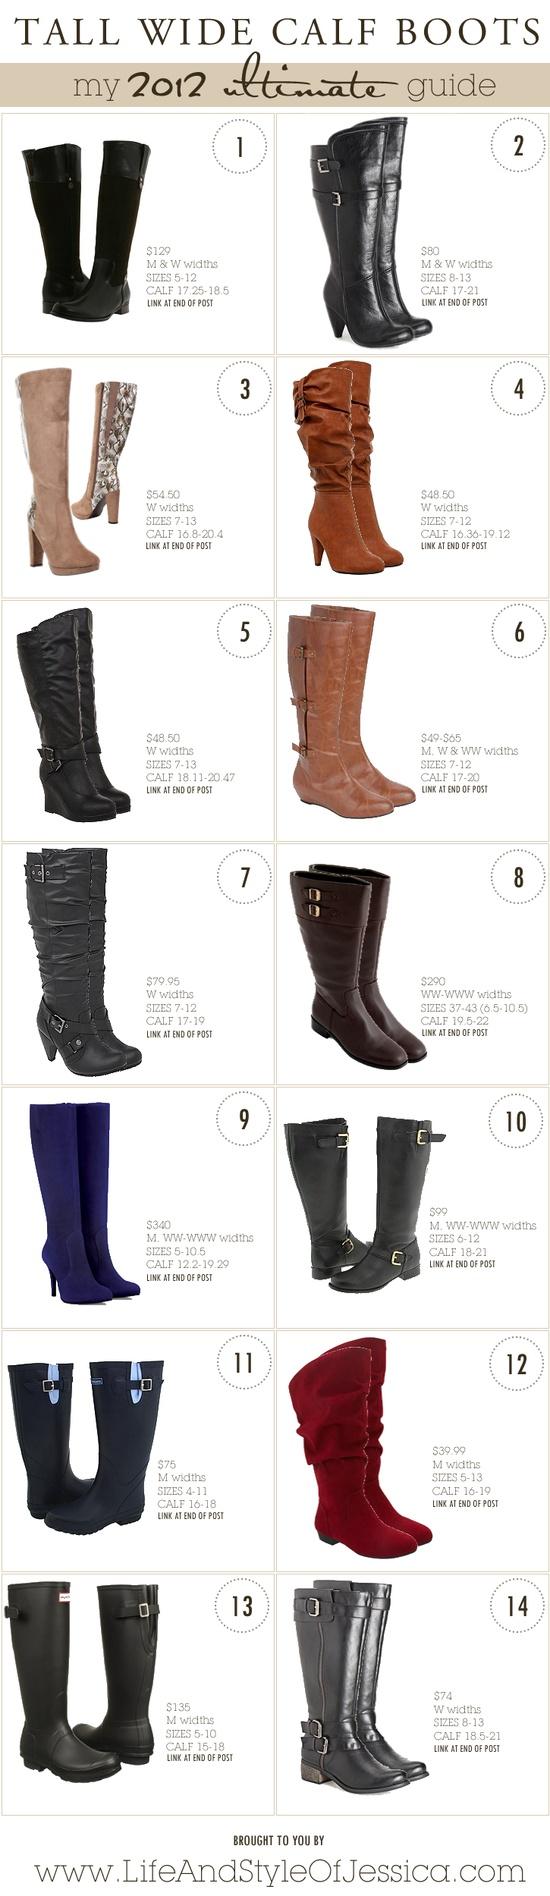 d91feace5b9 Torrid boots made the list!